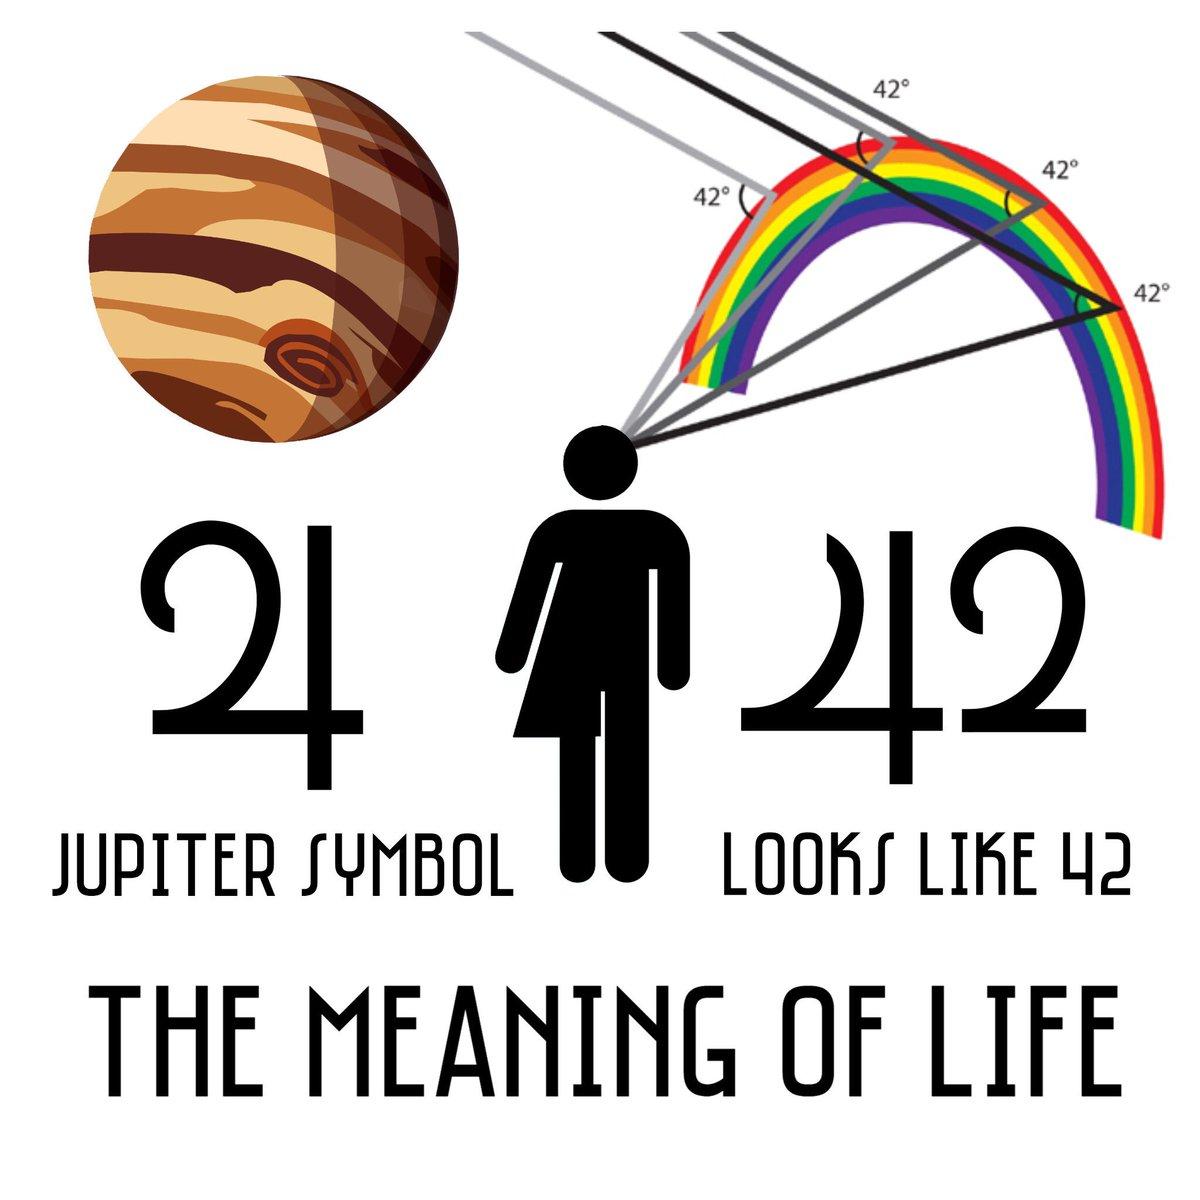 Mushboom On Twitter Jupiters Symbol Looks Like 42 The Angle At